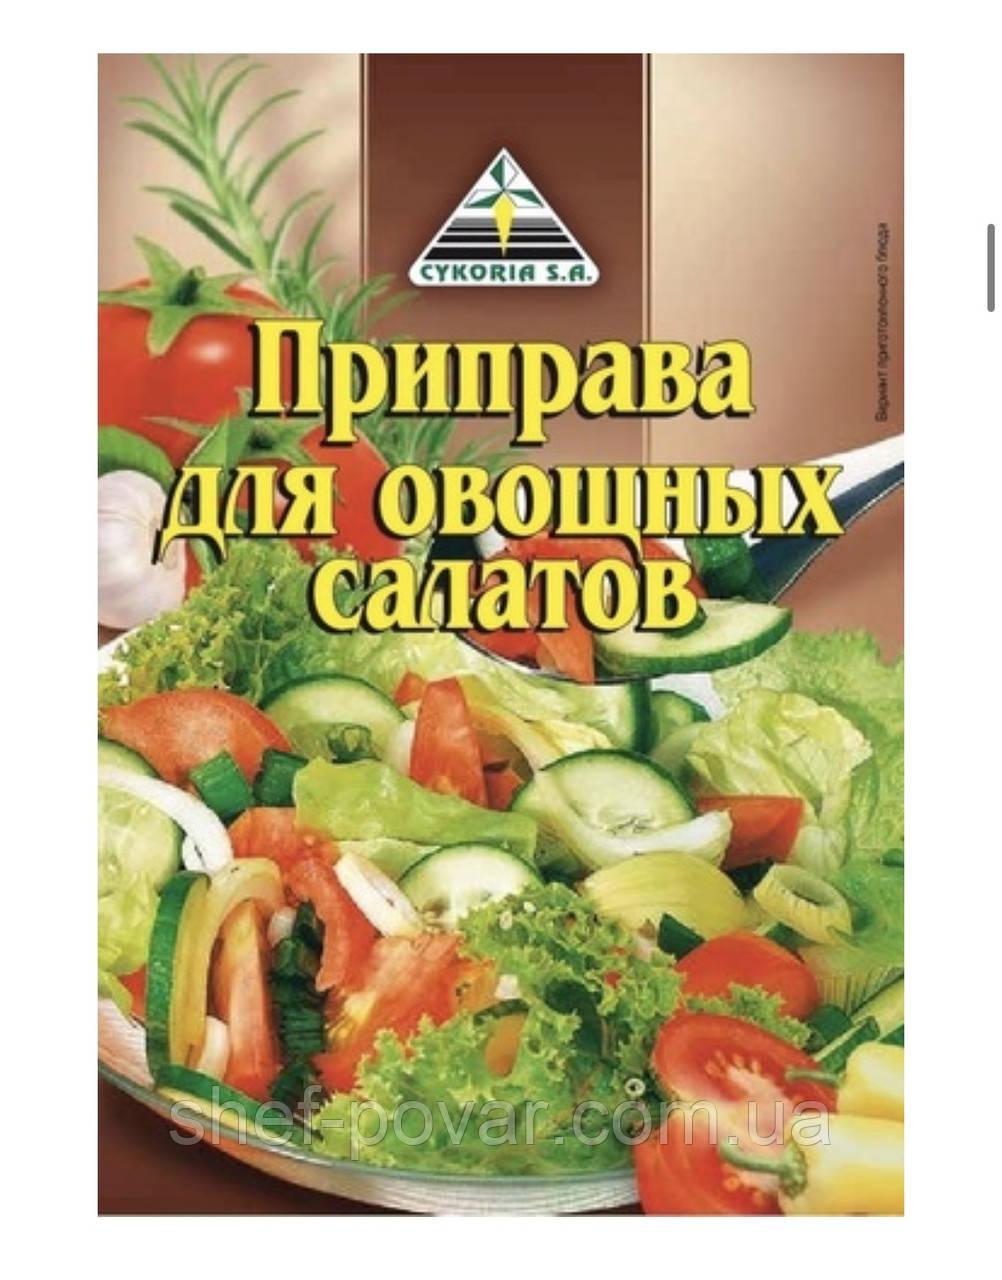 Приправа для овощных салатов ТМ «Cykoria s. a.»